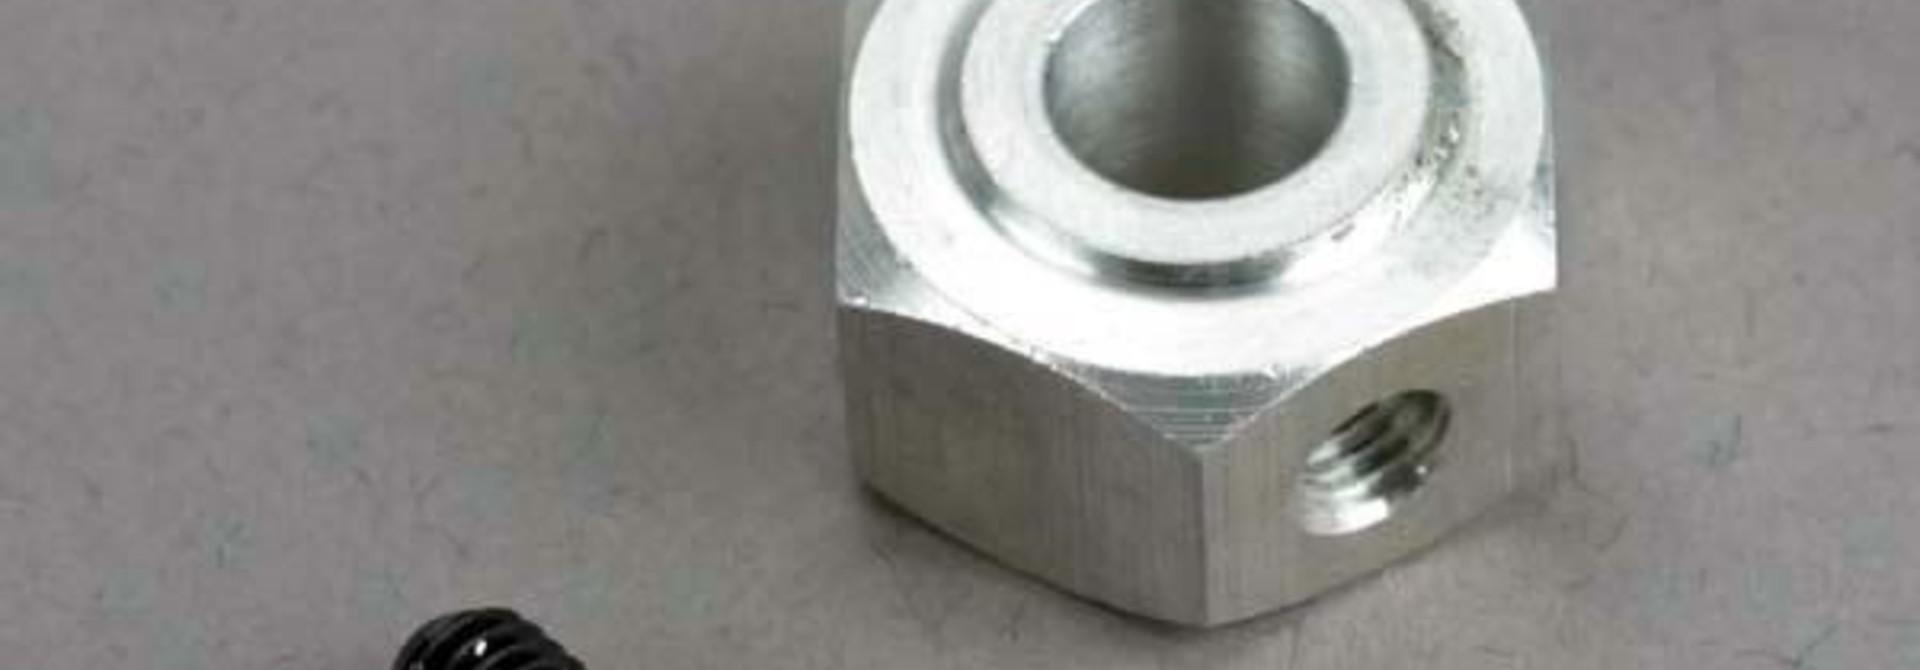 Brake hexagonal driver/ 5X6 GS (1), TRX6033